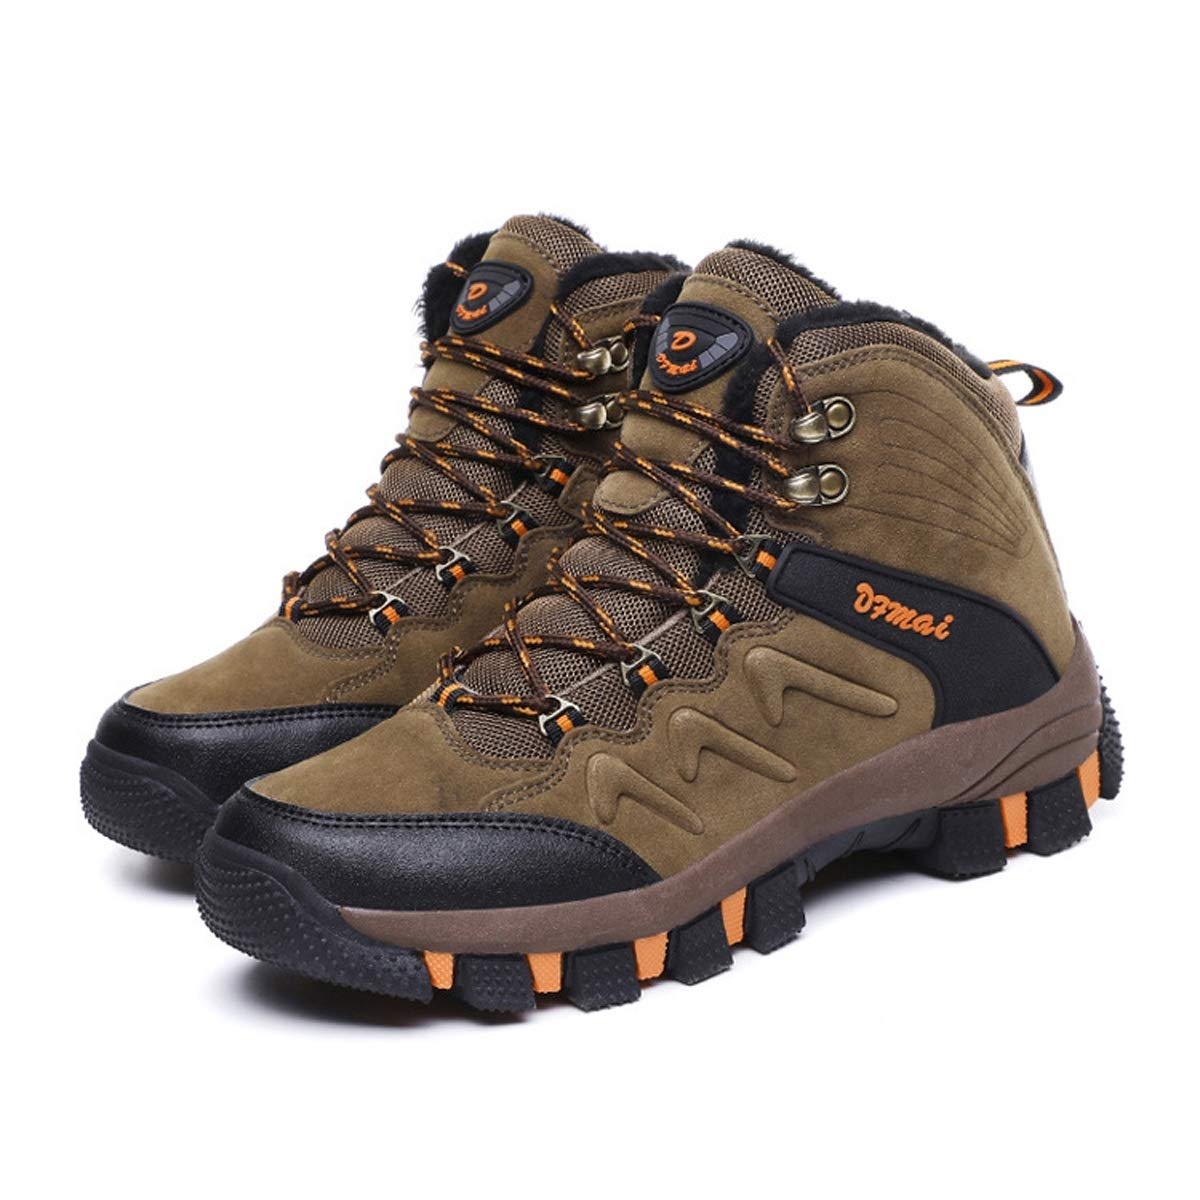 Adong Herren-Wanderschuhe Dschungel-Trekkingschuhe Bergsteigen-Stiefel Wasserdichte Schuhe Halbschuhe,B,41EU